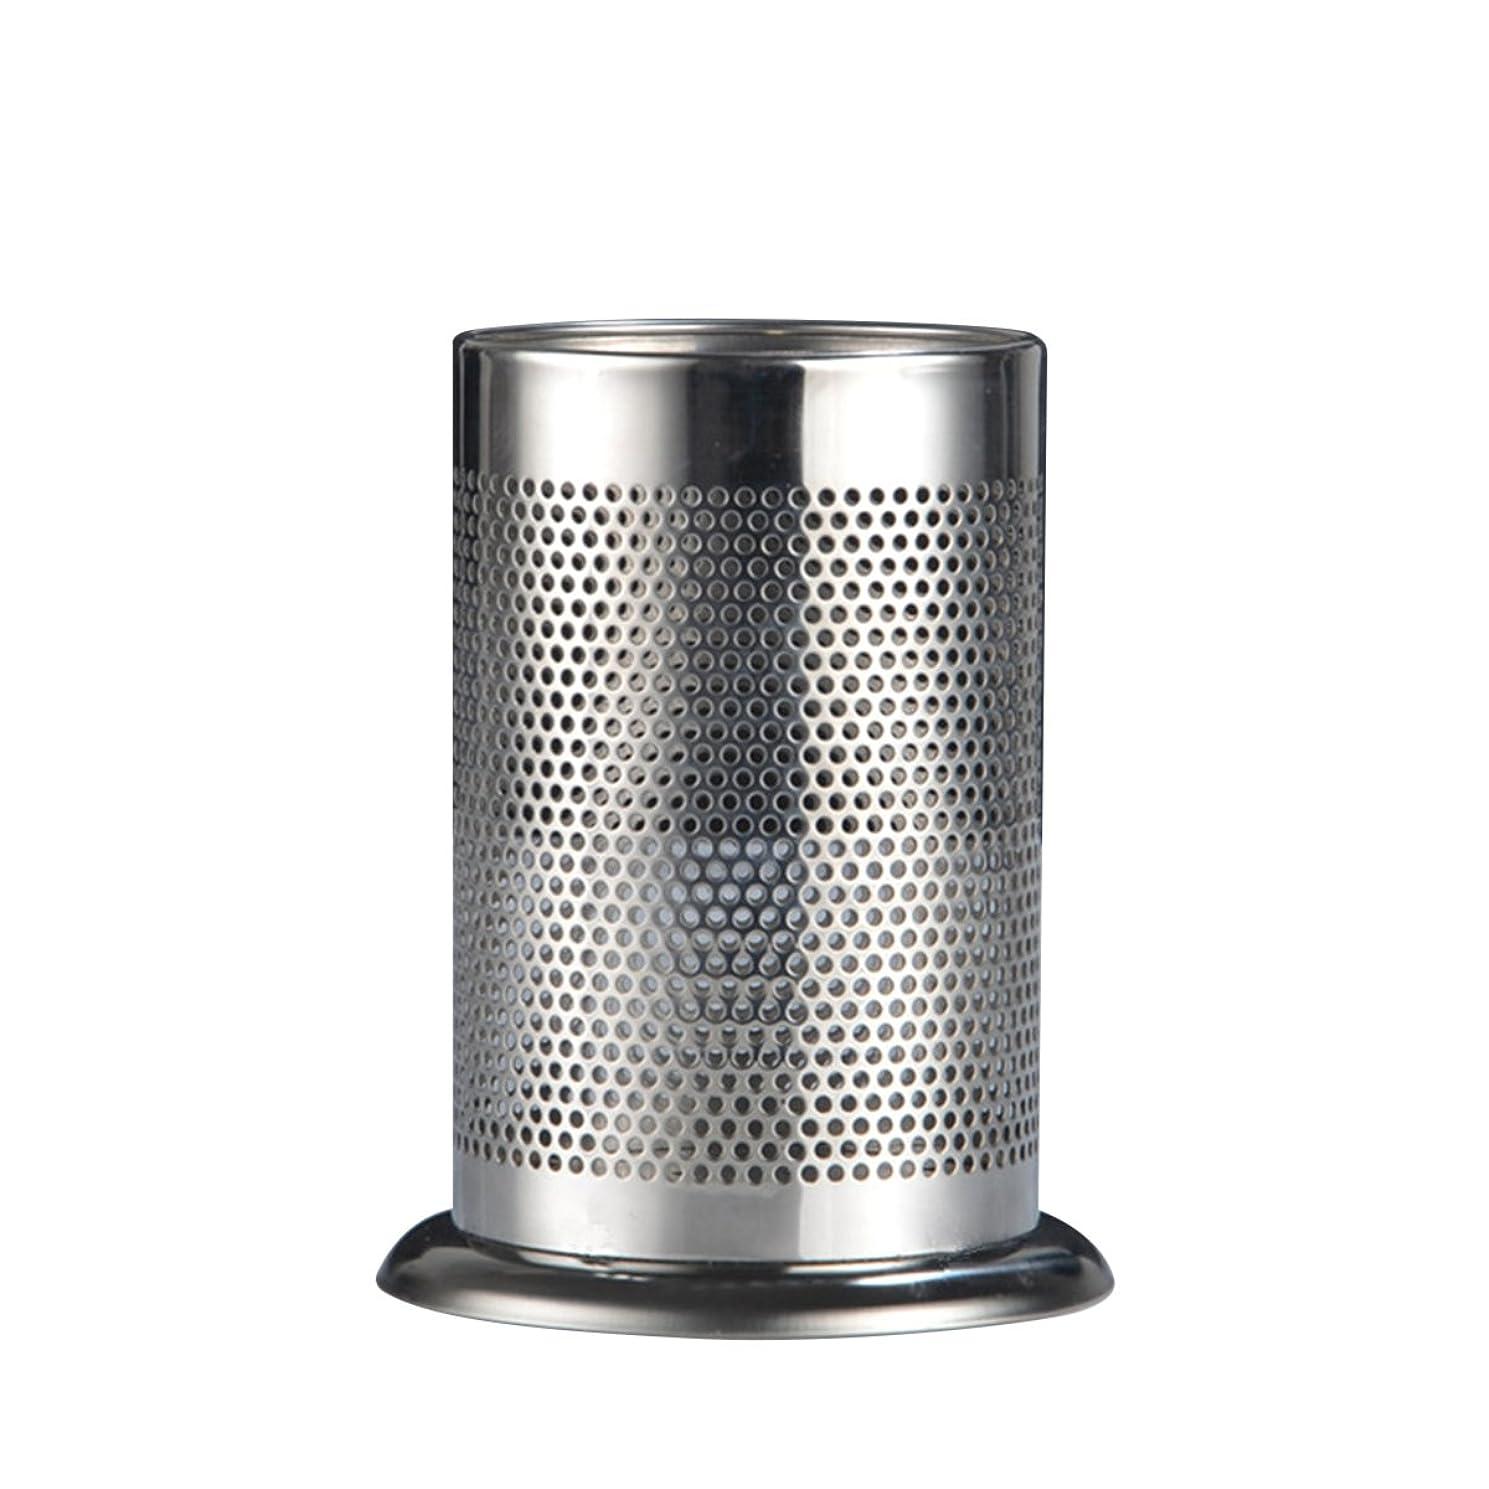 南アメリカトランジスタ間に合わせWINOMO 箸立て ステンレスの箸筒 カトラリースタンド キッチン水切り収納ラック 厚重感良い 17*12CM